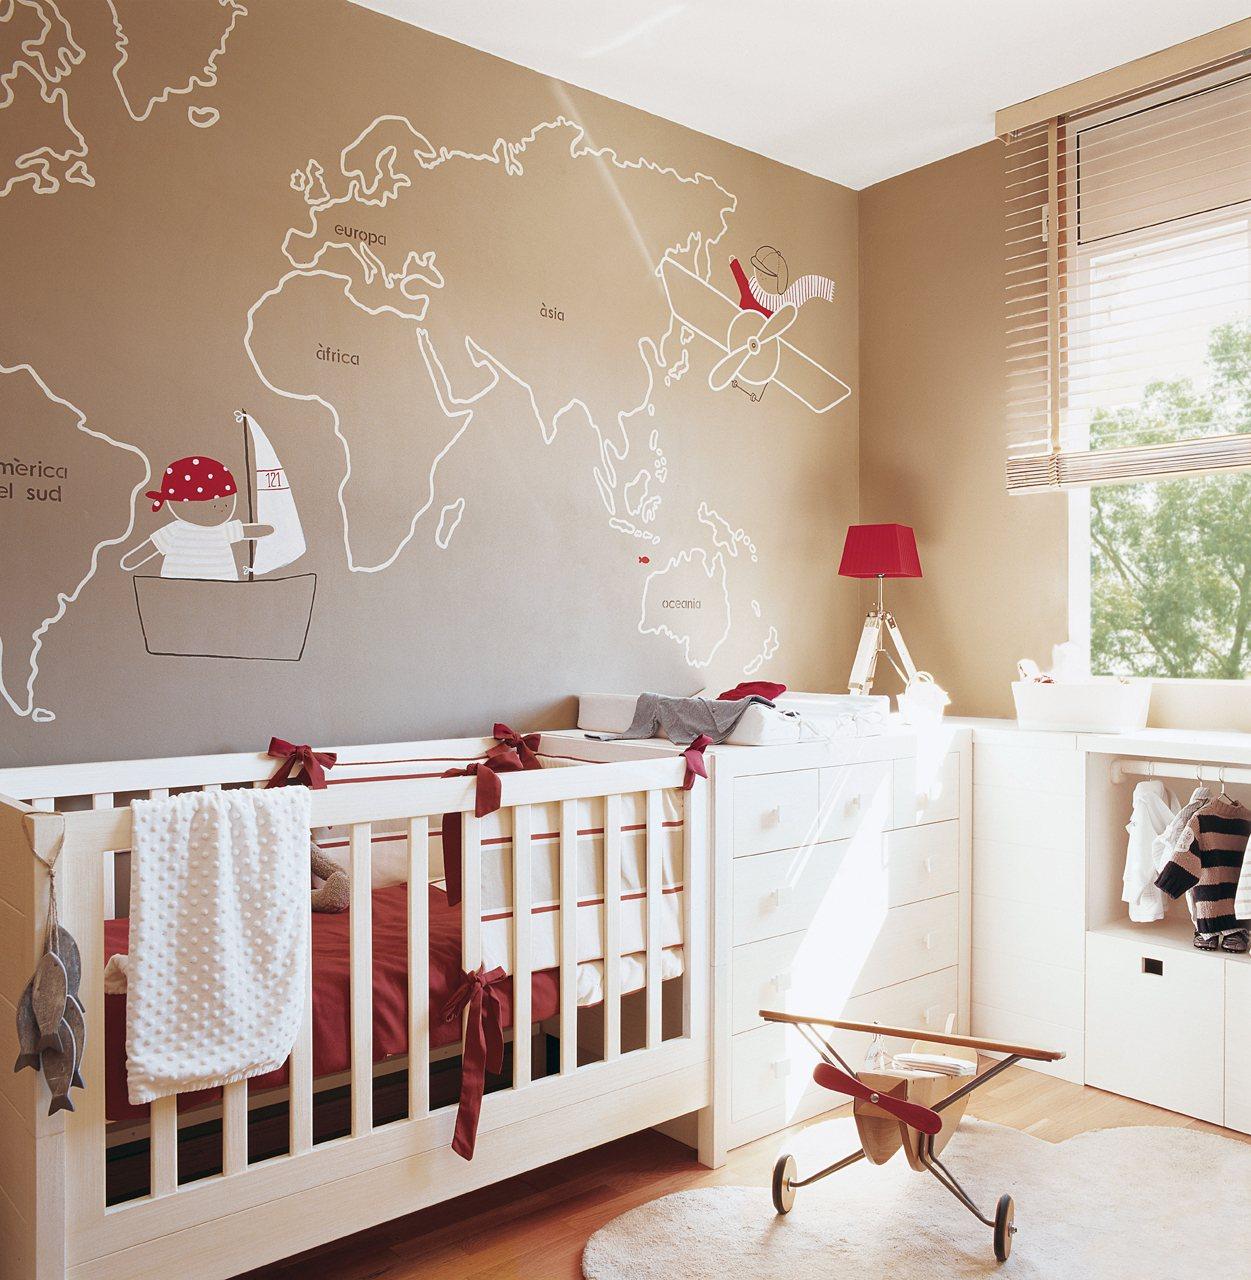 Claves de decoracin de una habitacin infantil